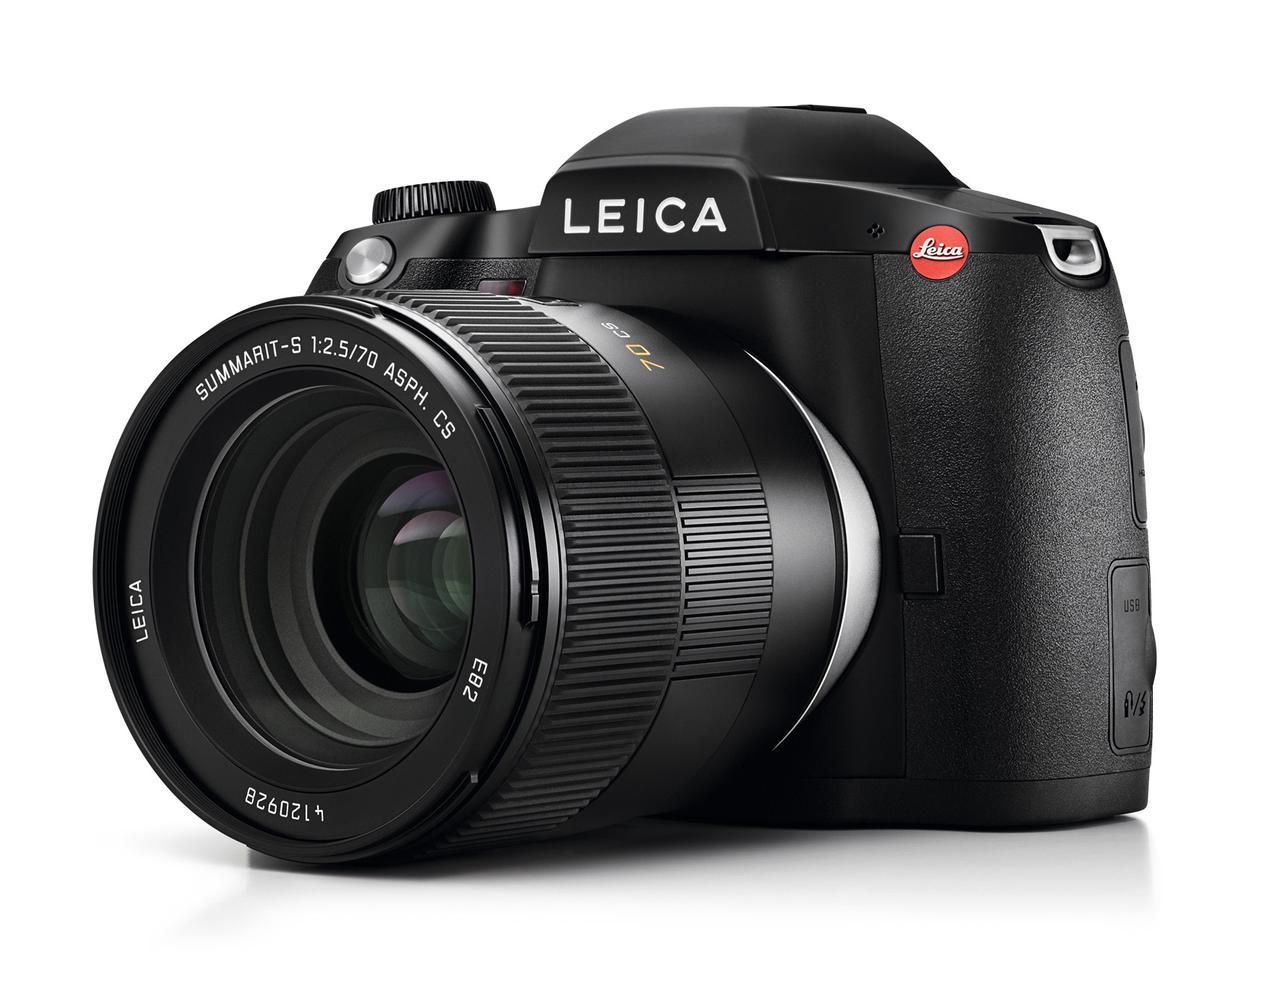 一眼 レフ web カメラ 化 【実践】一眼レフカメラをWebカメラにしてみた!実際の手順や準備を解...